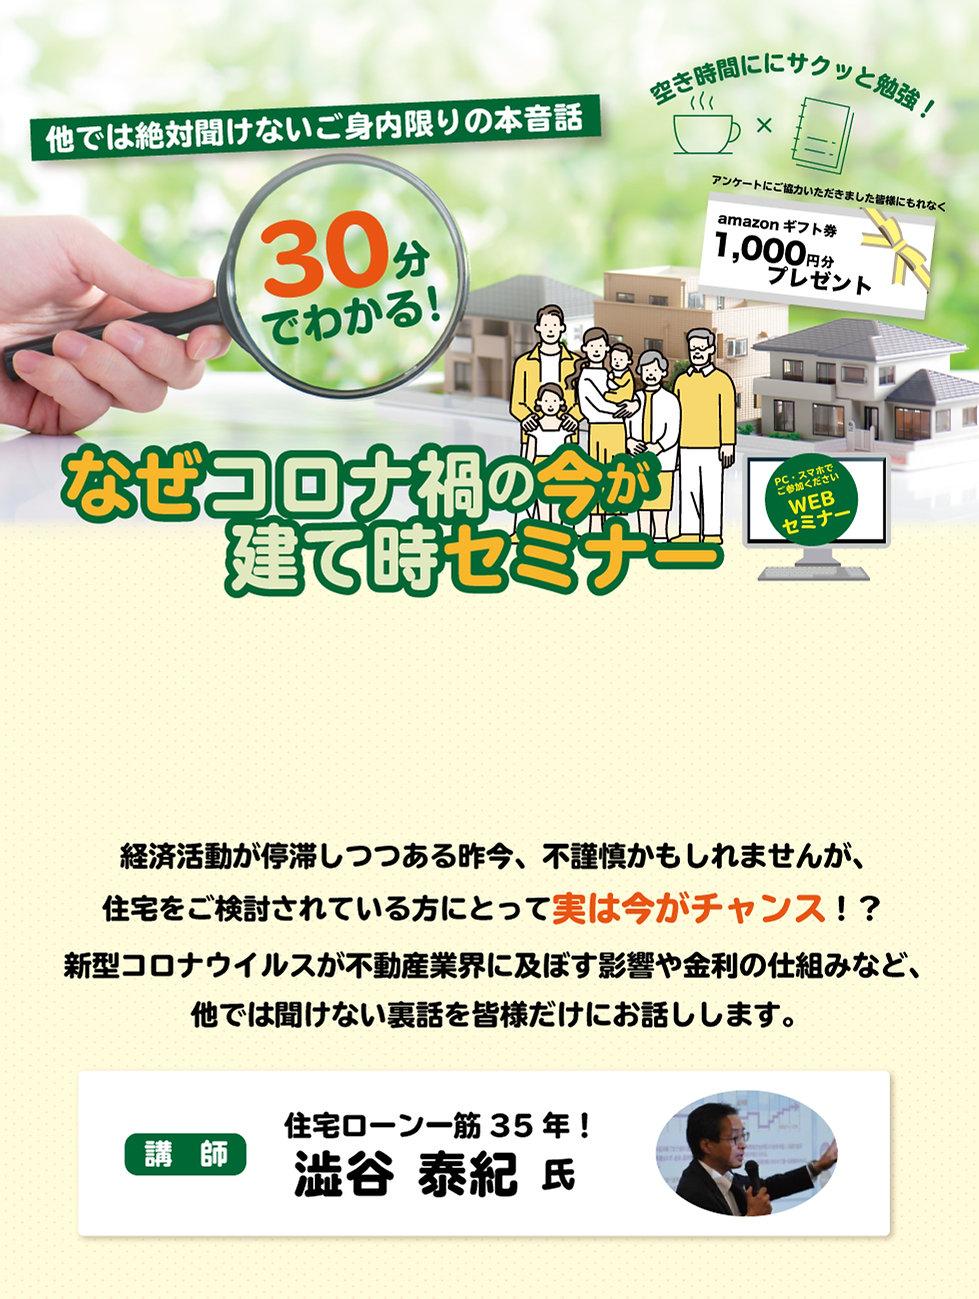 toyotaLPお休み.jpg